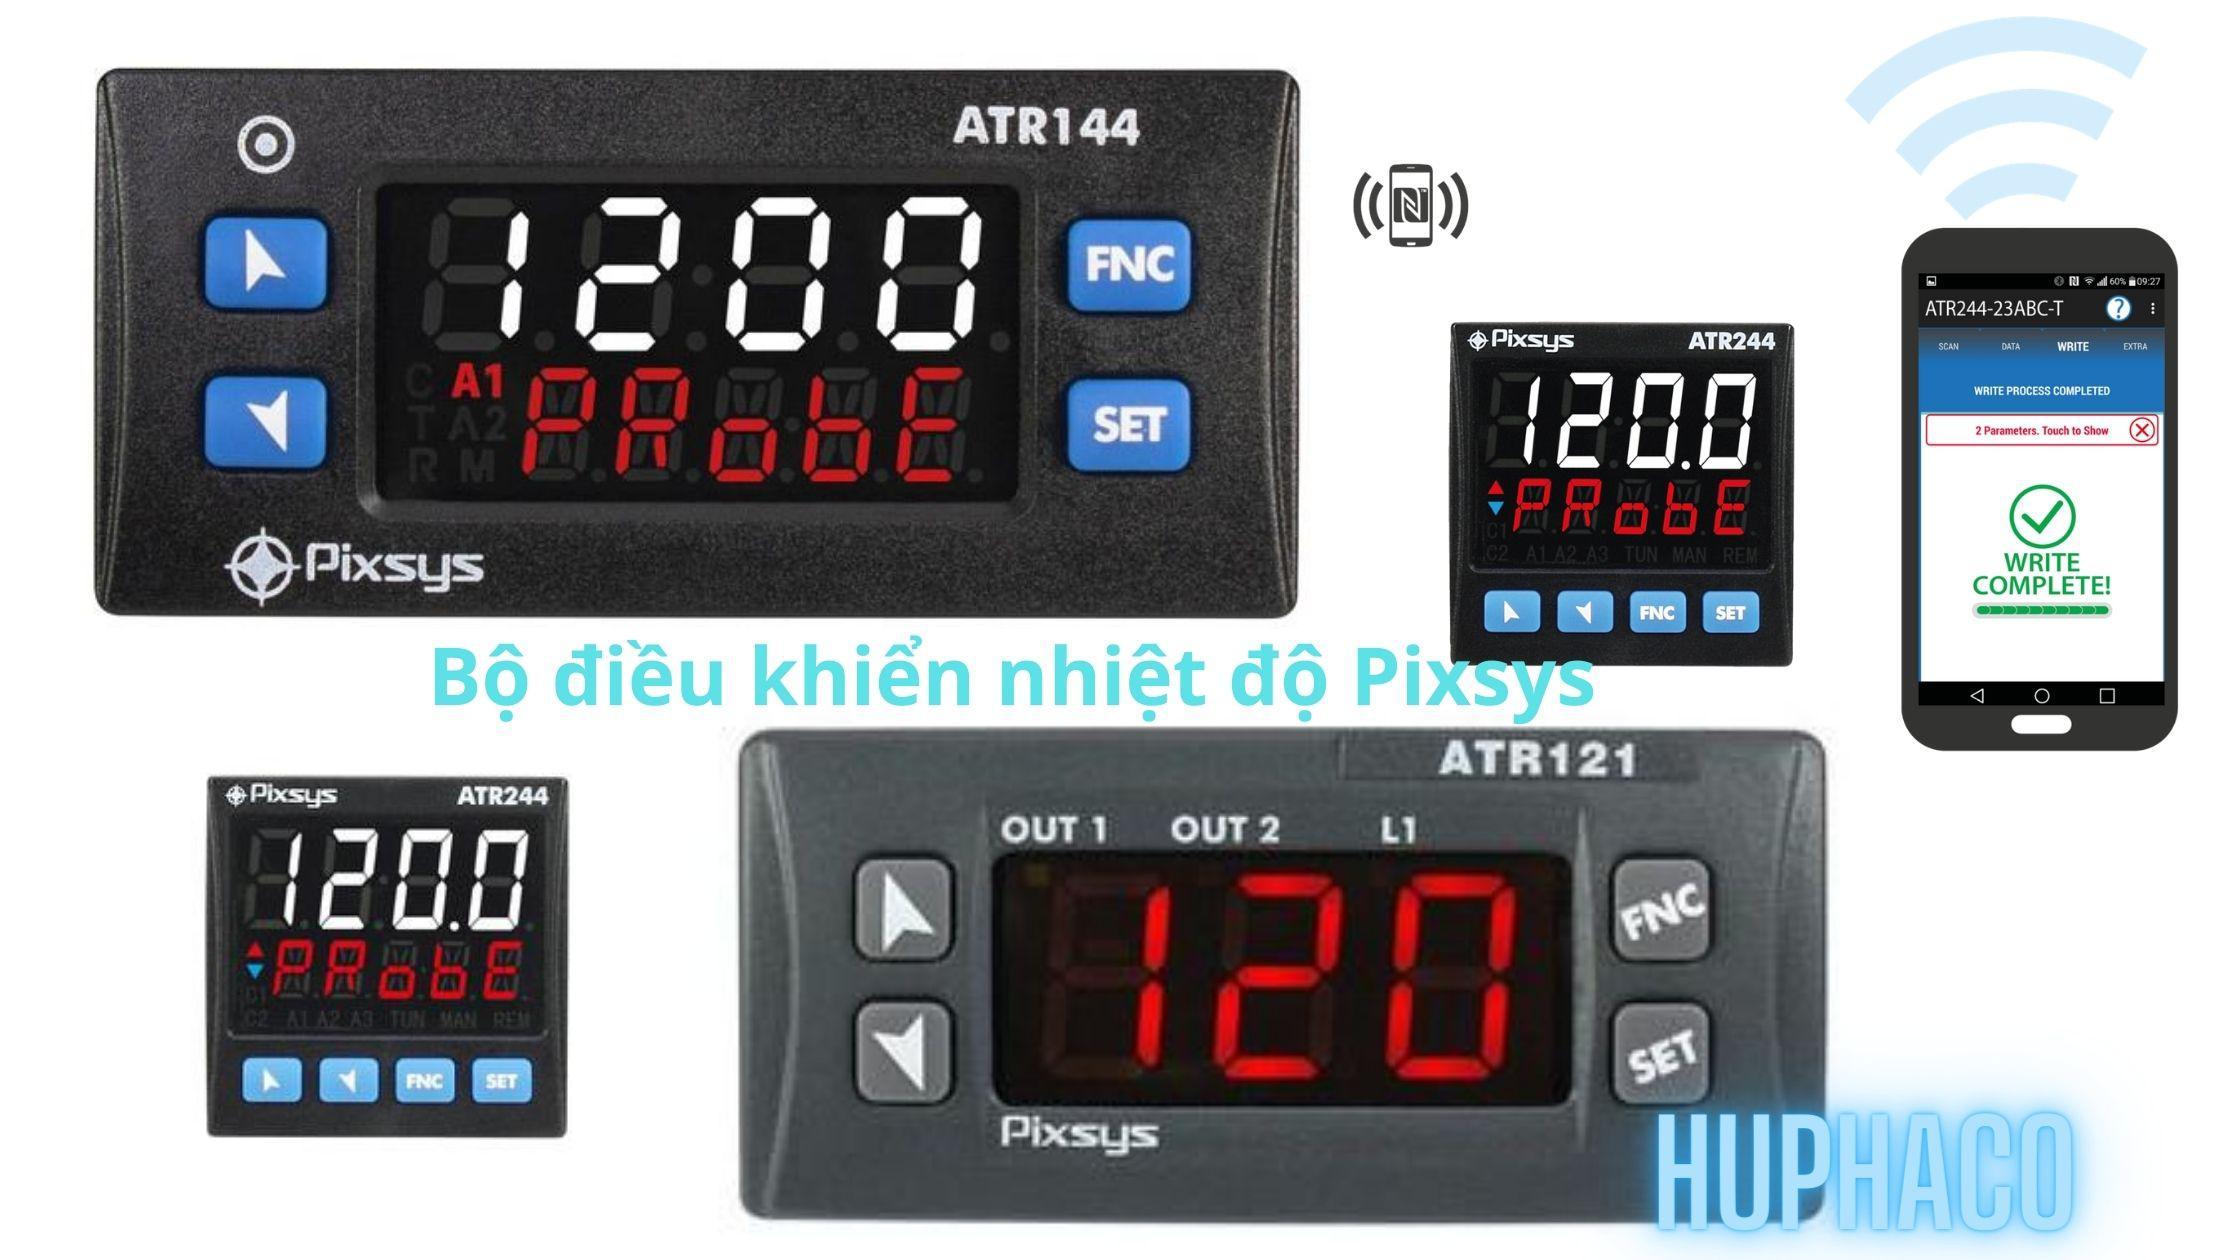 Bộ điều khiển nhiệt độ Pixsys